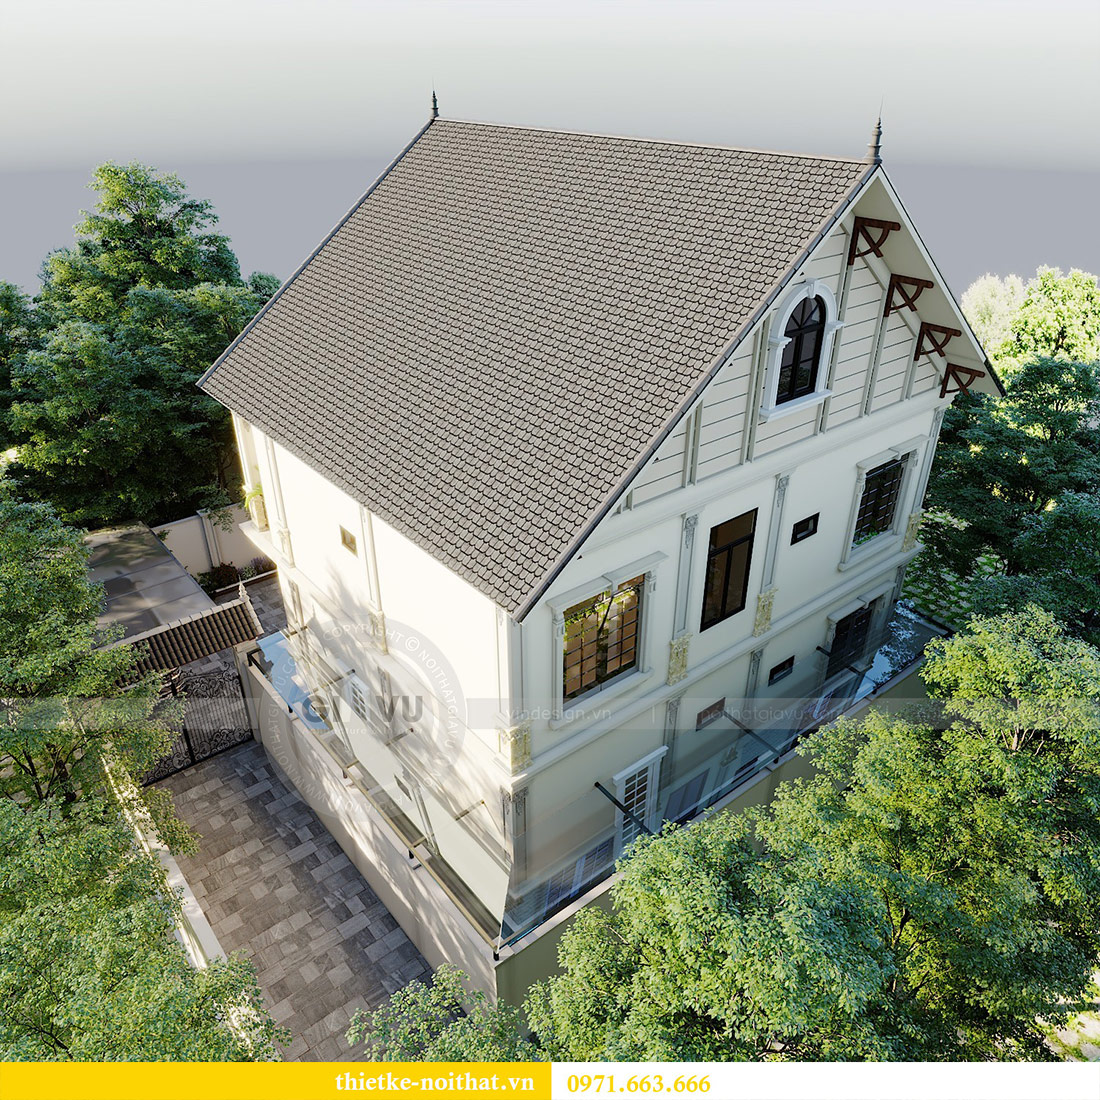 Thiết kế kiến trúc biệt thự An Dương Tây Hồ nhà chú Đức 6